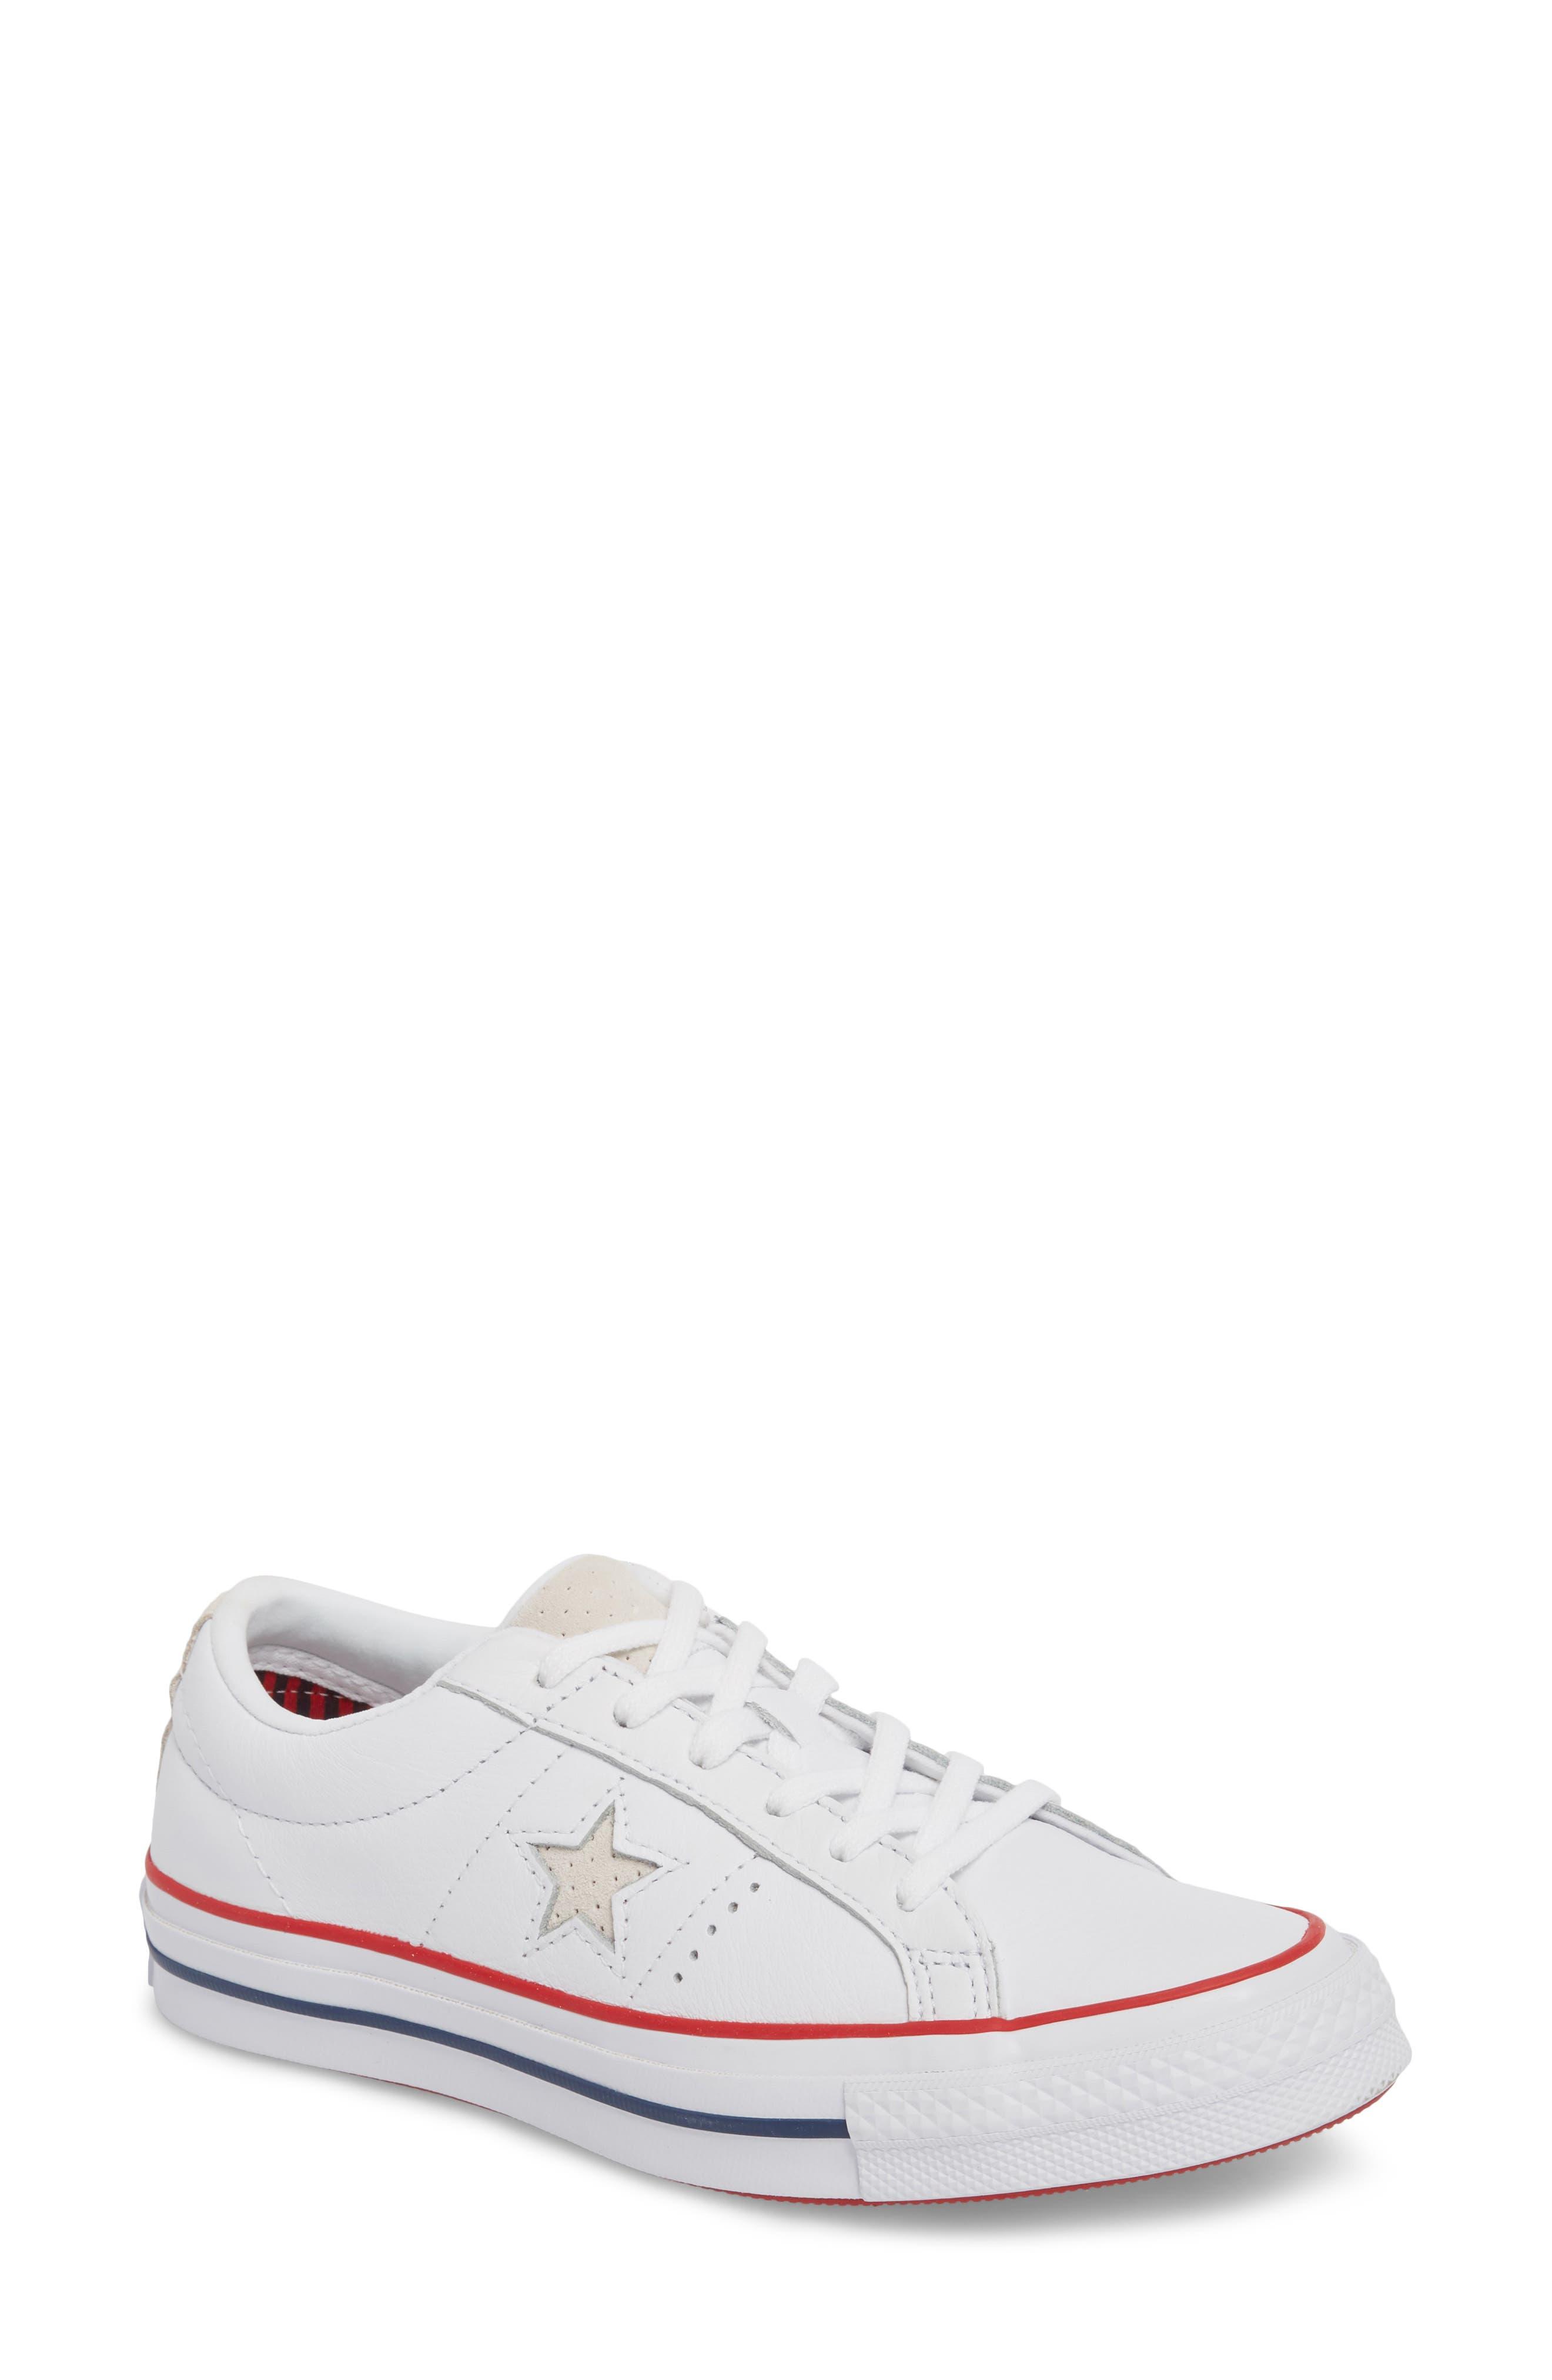 Converse One Star Sneaker (Women)